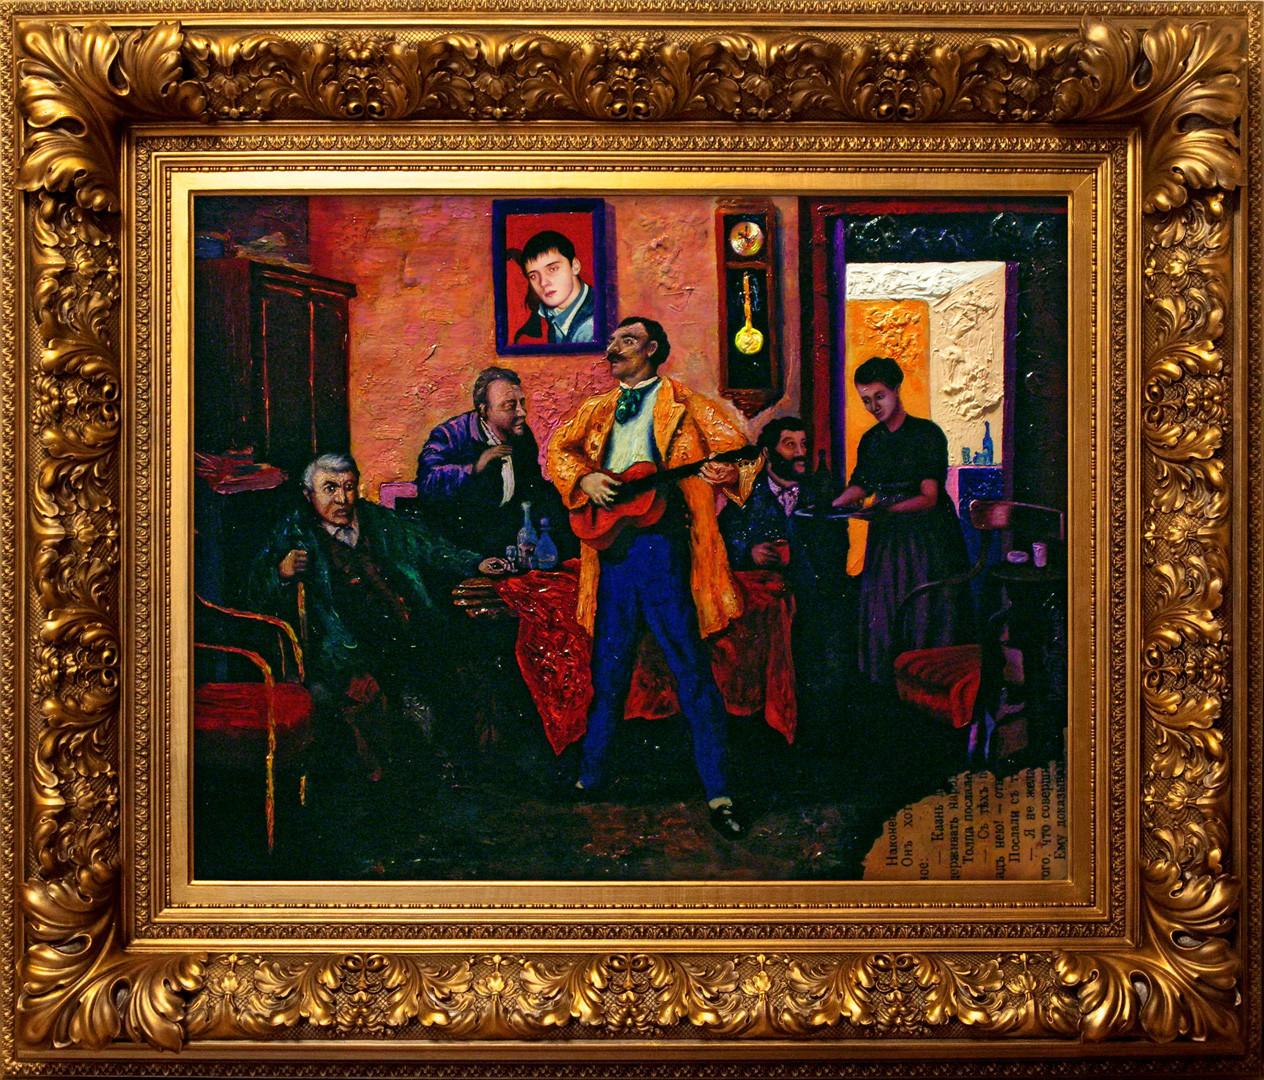 Ретро-вечеринка. По мотивам гравюры В.Е. Маковского.